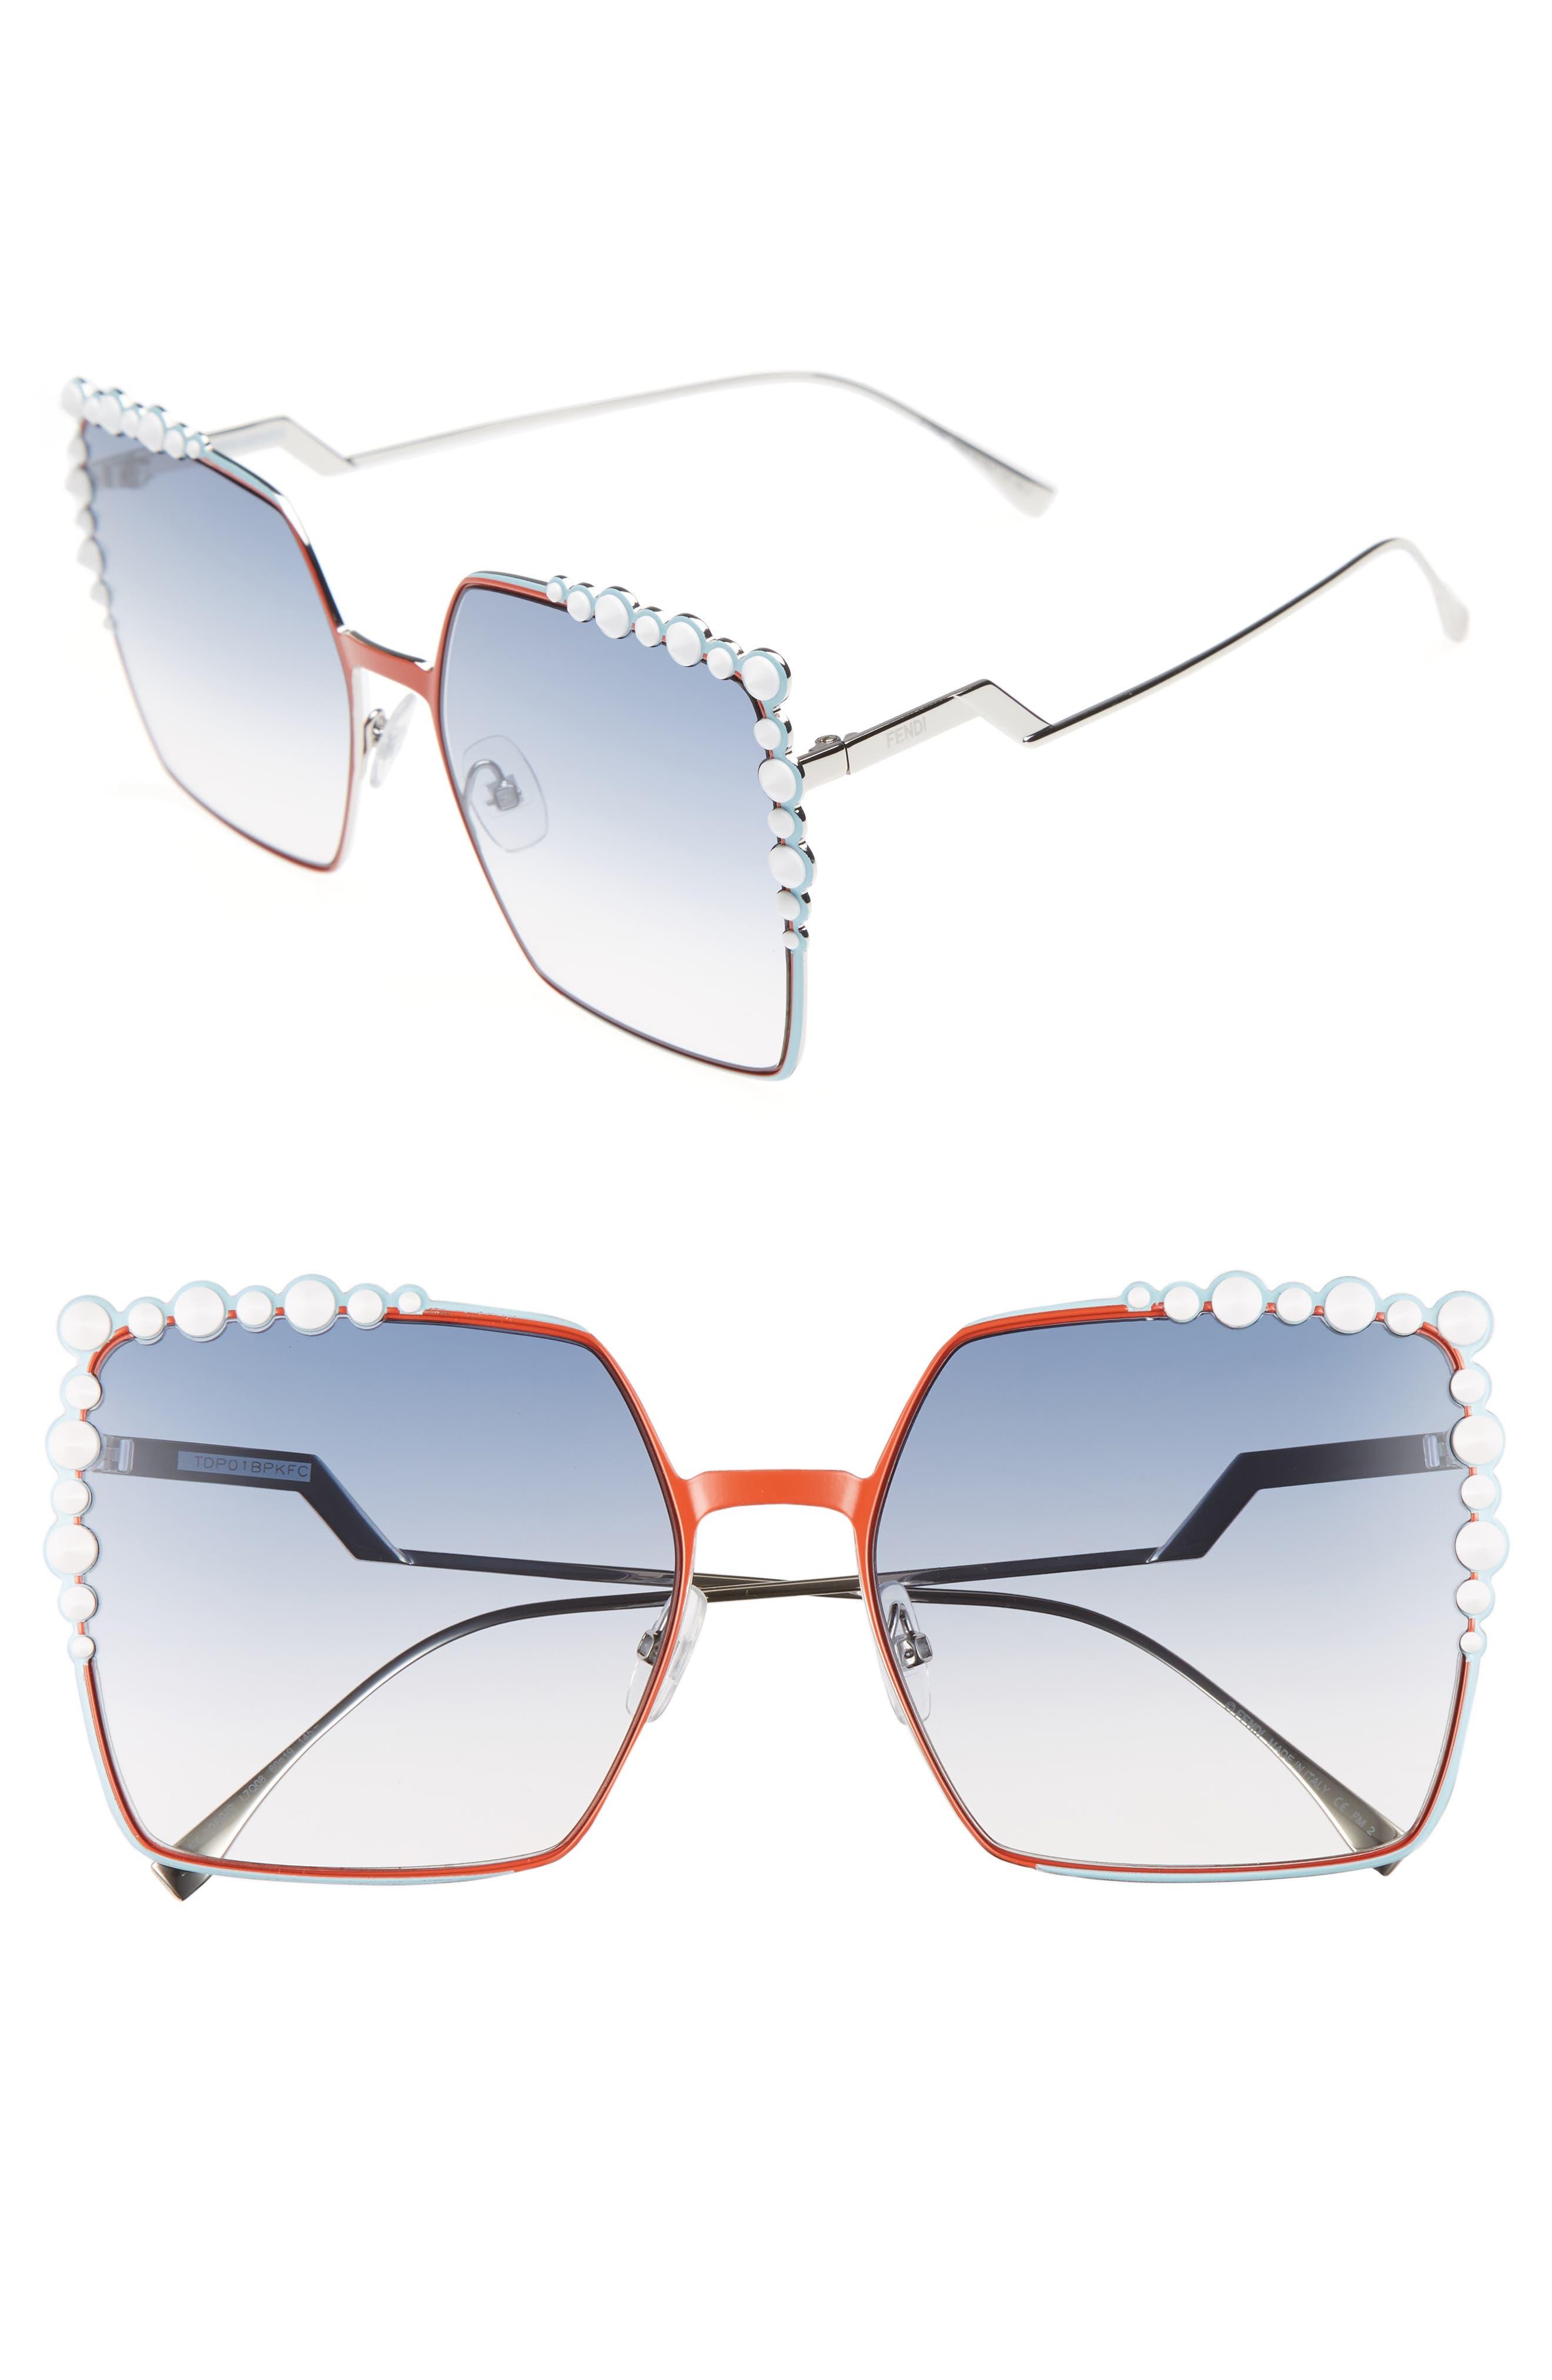 60mm Gradient Square Cat Eye Sunglasses,                         Main,                         color, Orange